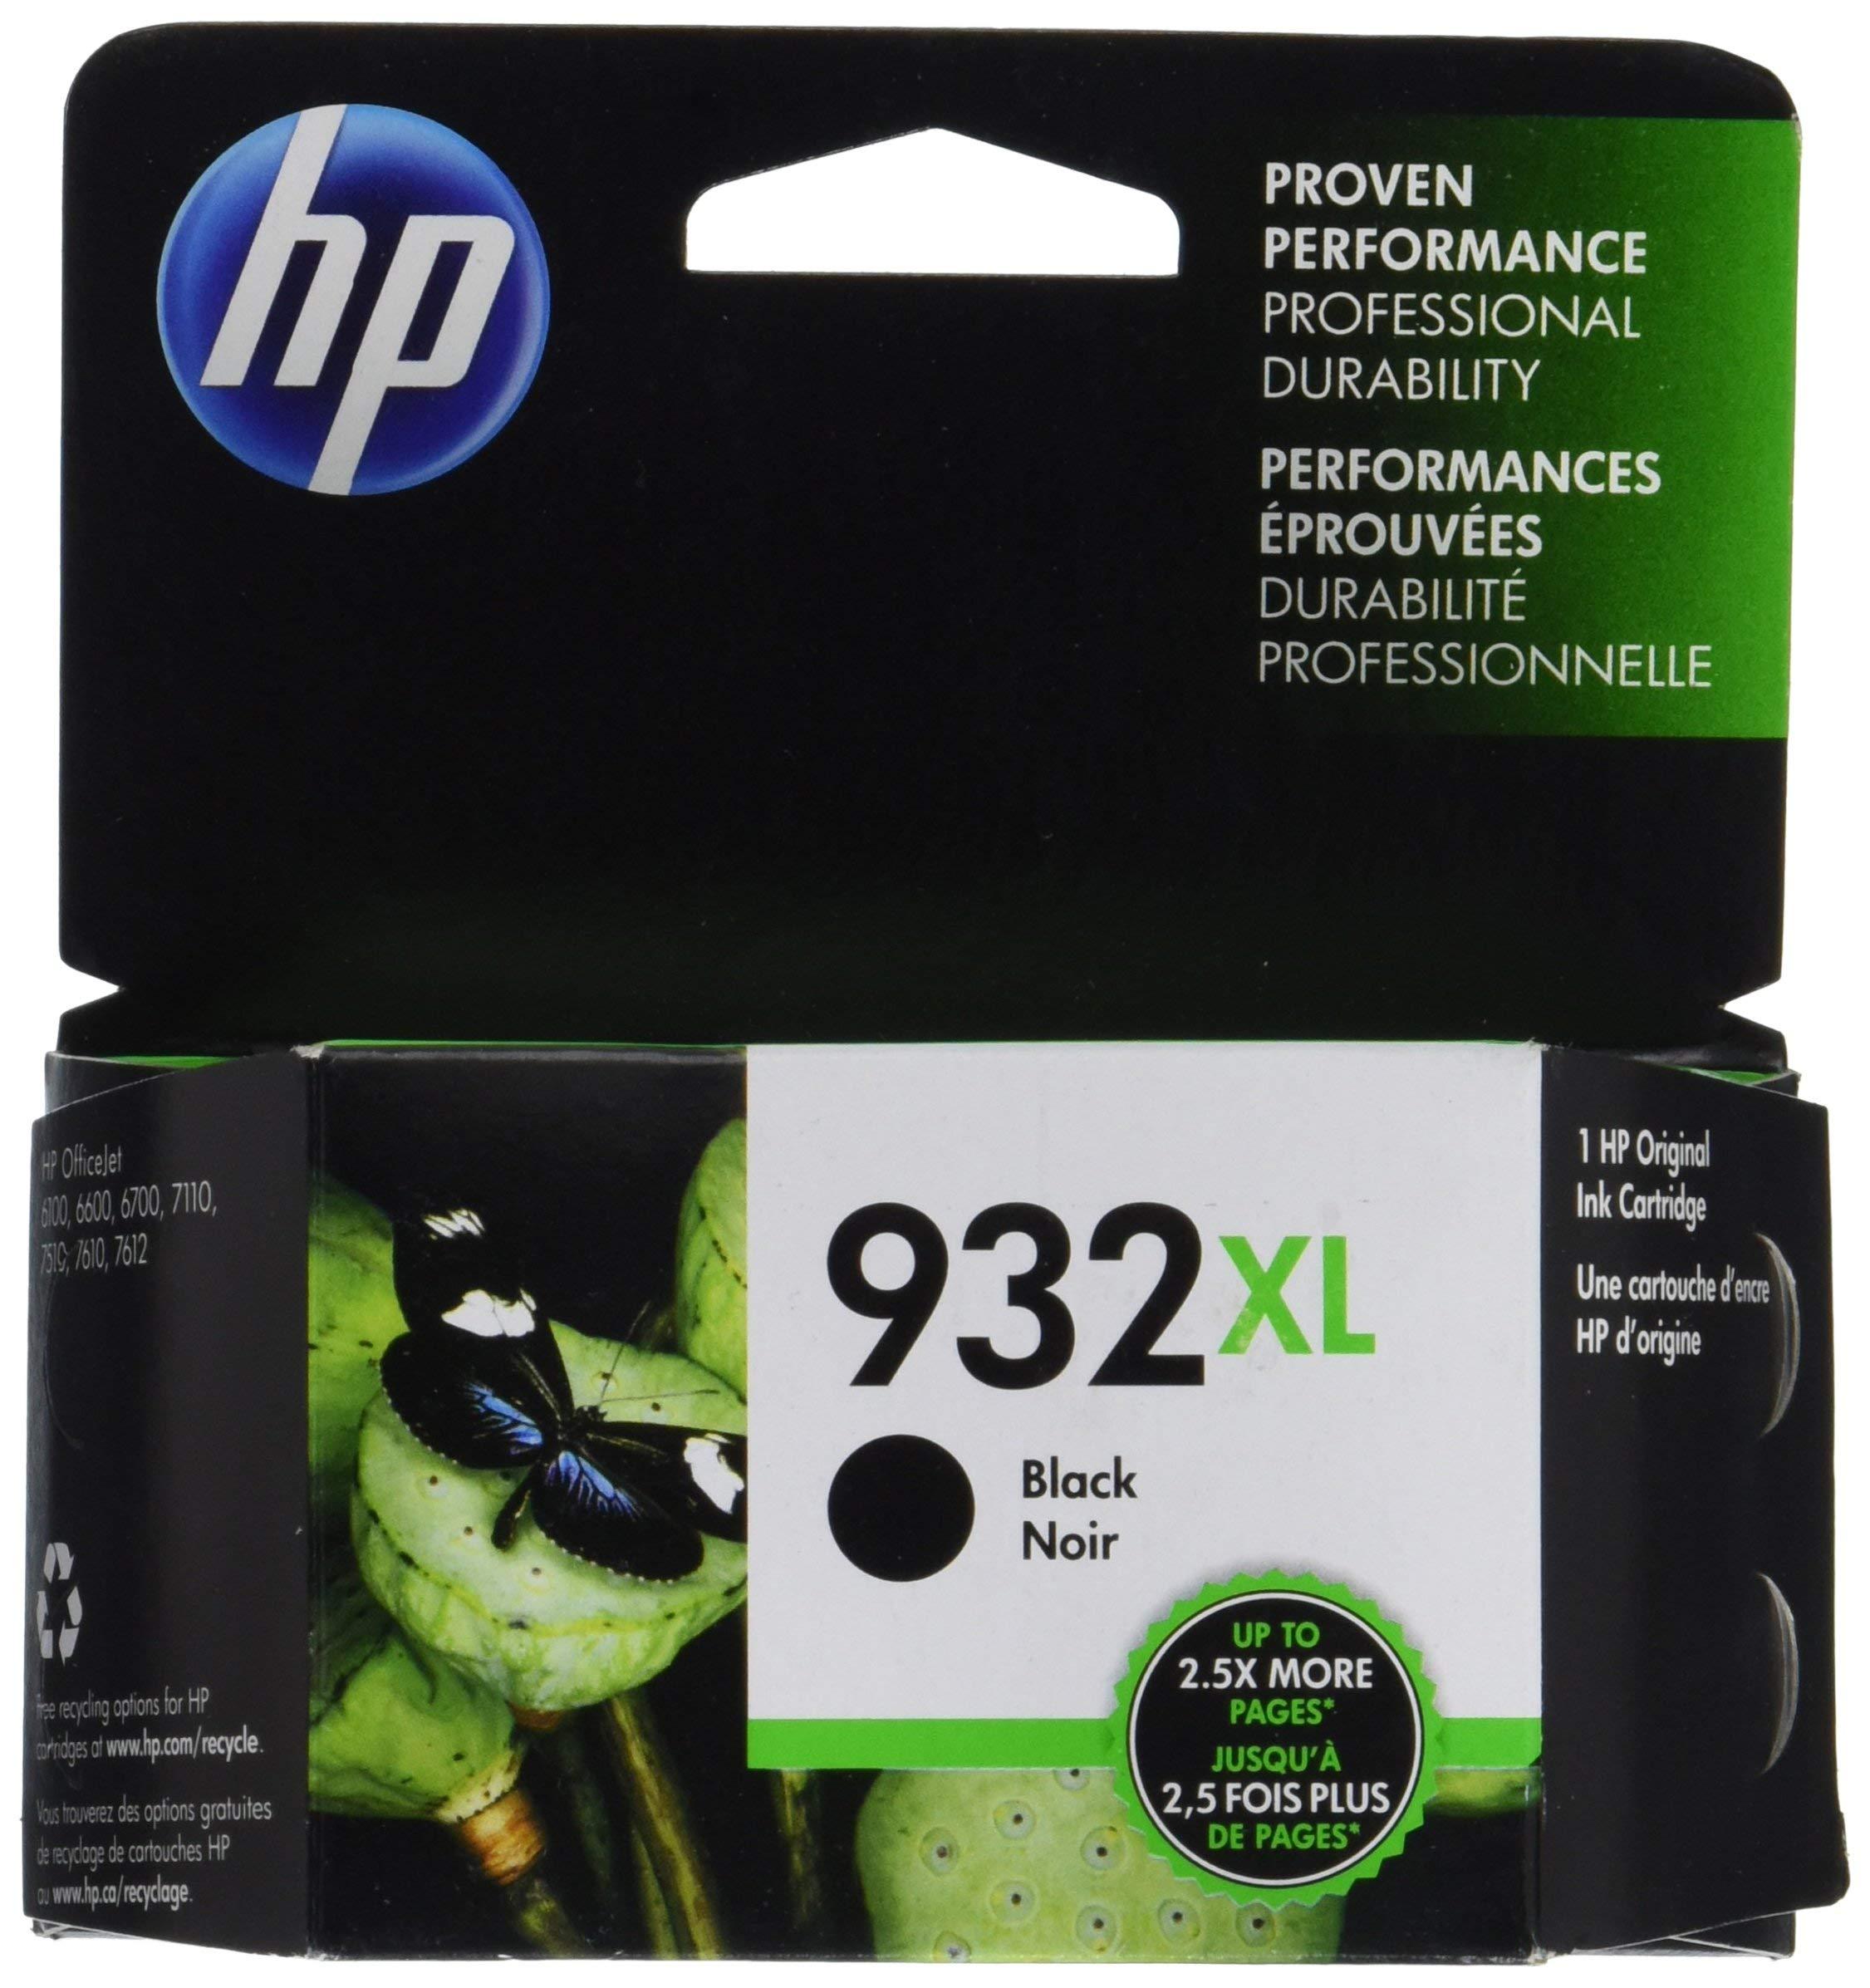 HP 932XL   Ink Cartridge   Black   CN053AN